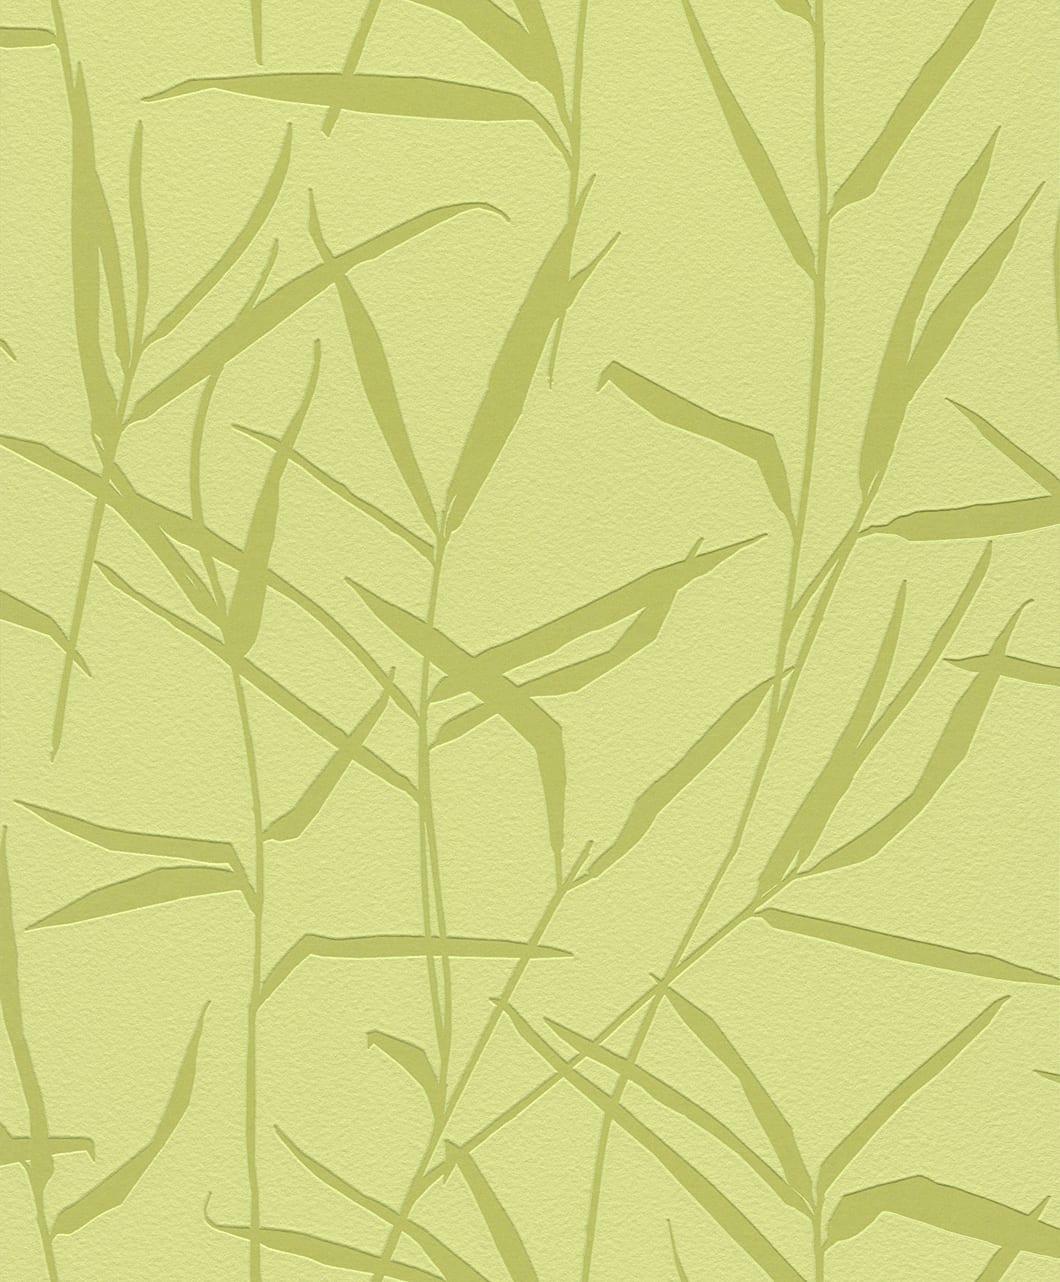 Papel mural bambu verde 709964 Rasch